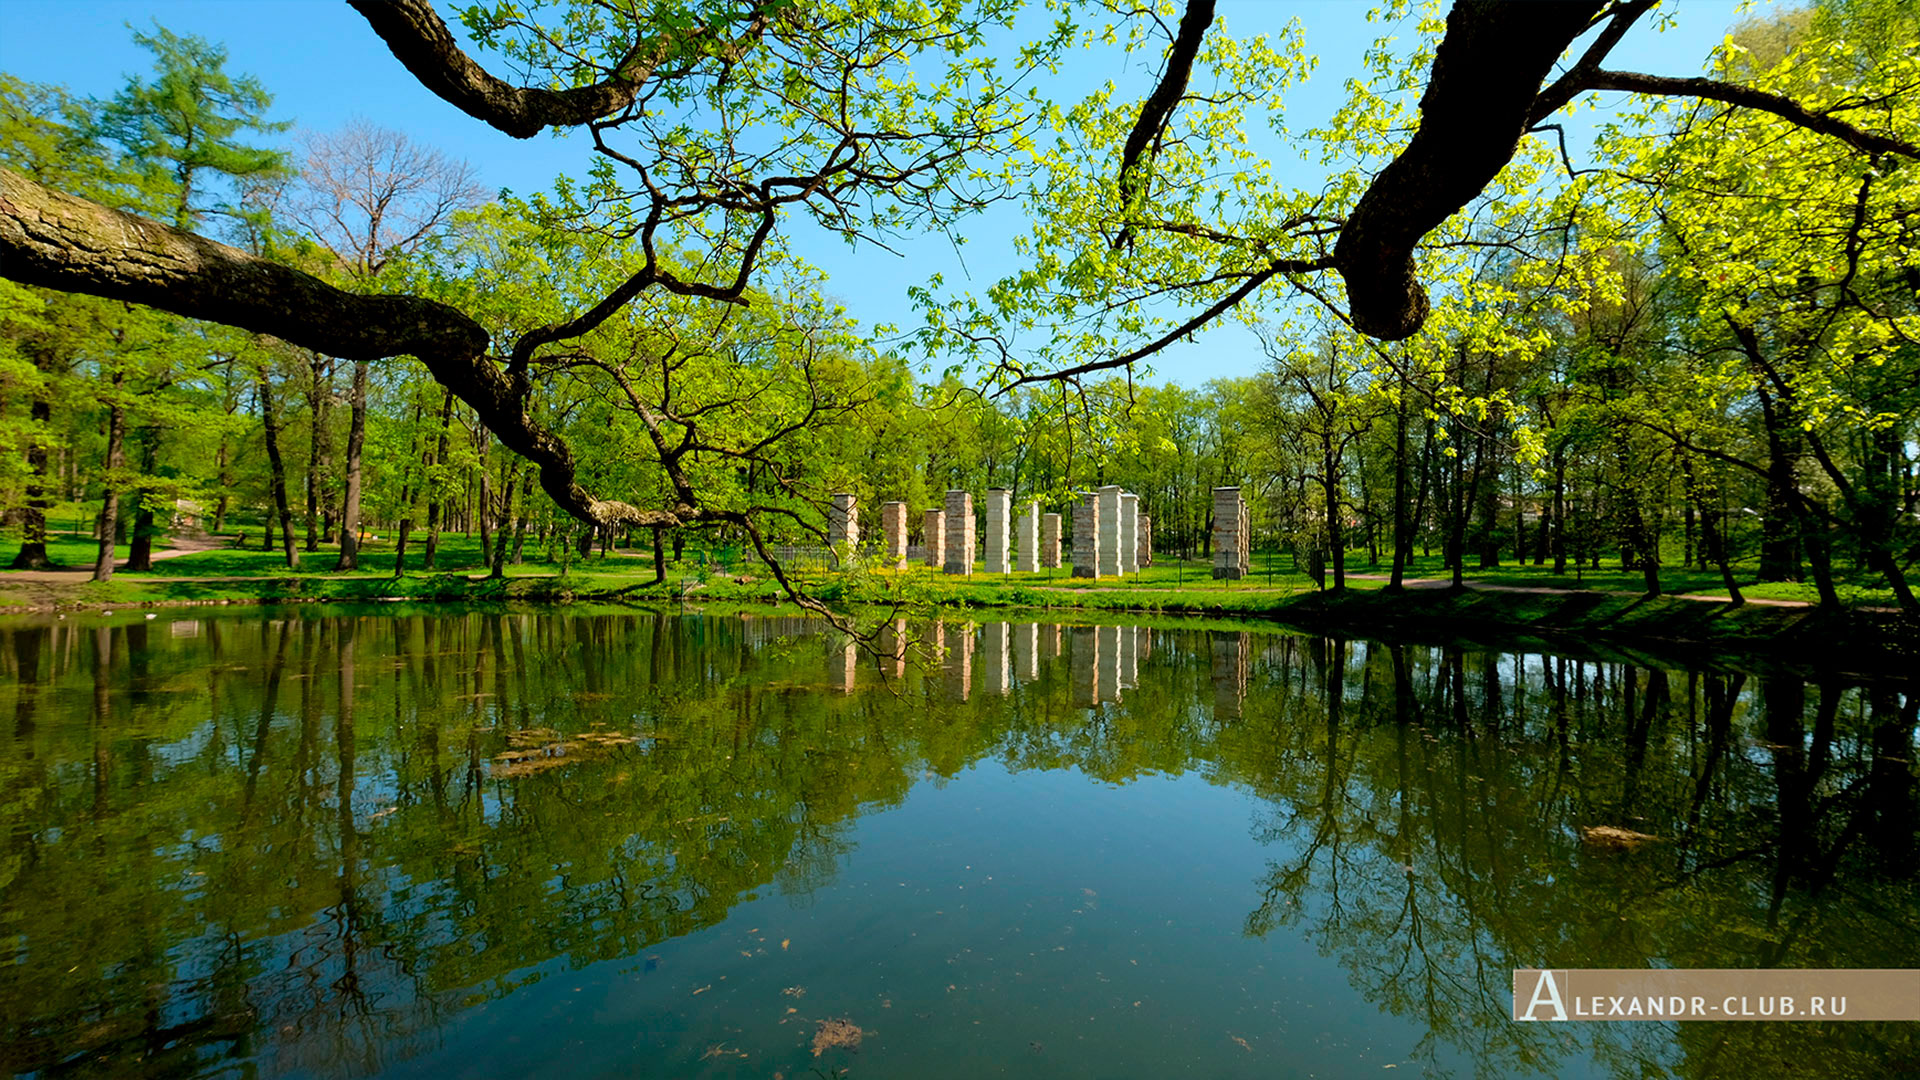 Гатчинский парк, весна, Адмиралтейство